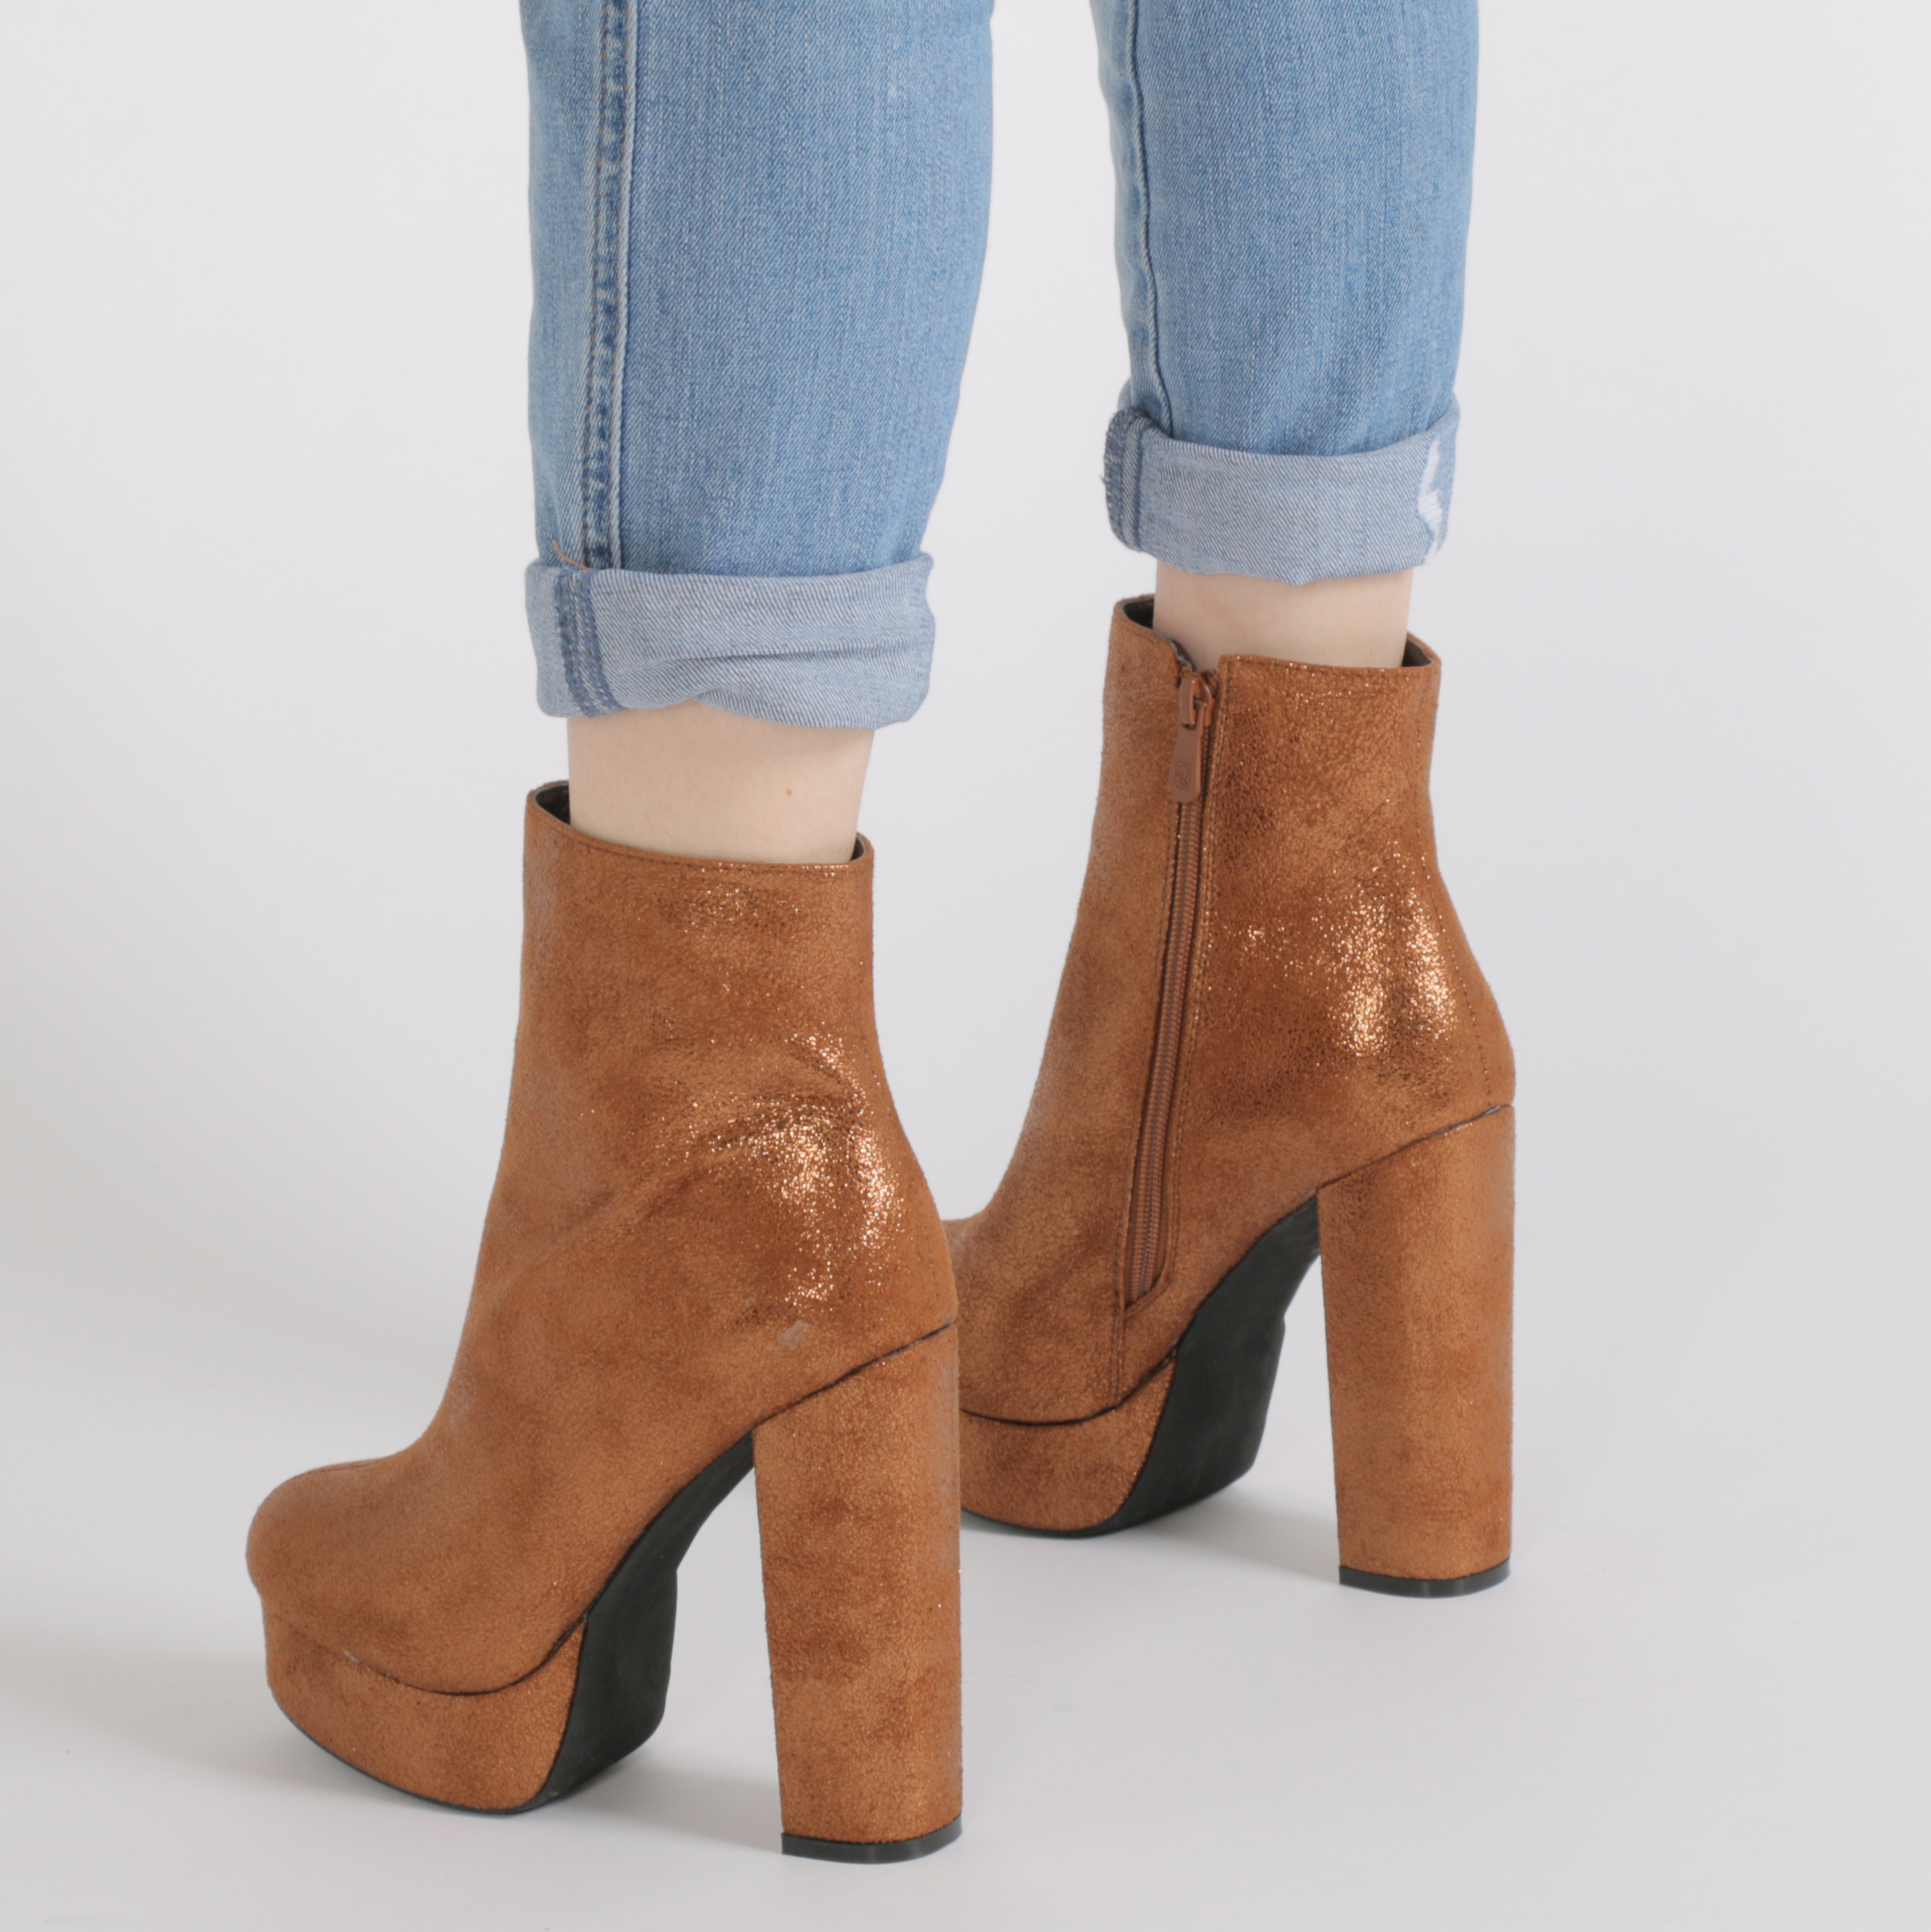 Mujer Cremallera Plataforma Botas al Tobillo Zapatos De Tacón Bloque de punta redondeada en bronce Reino Unido 3-8